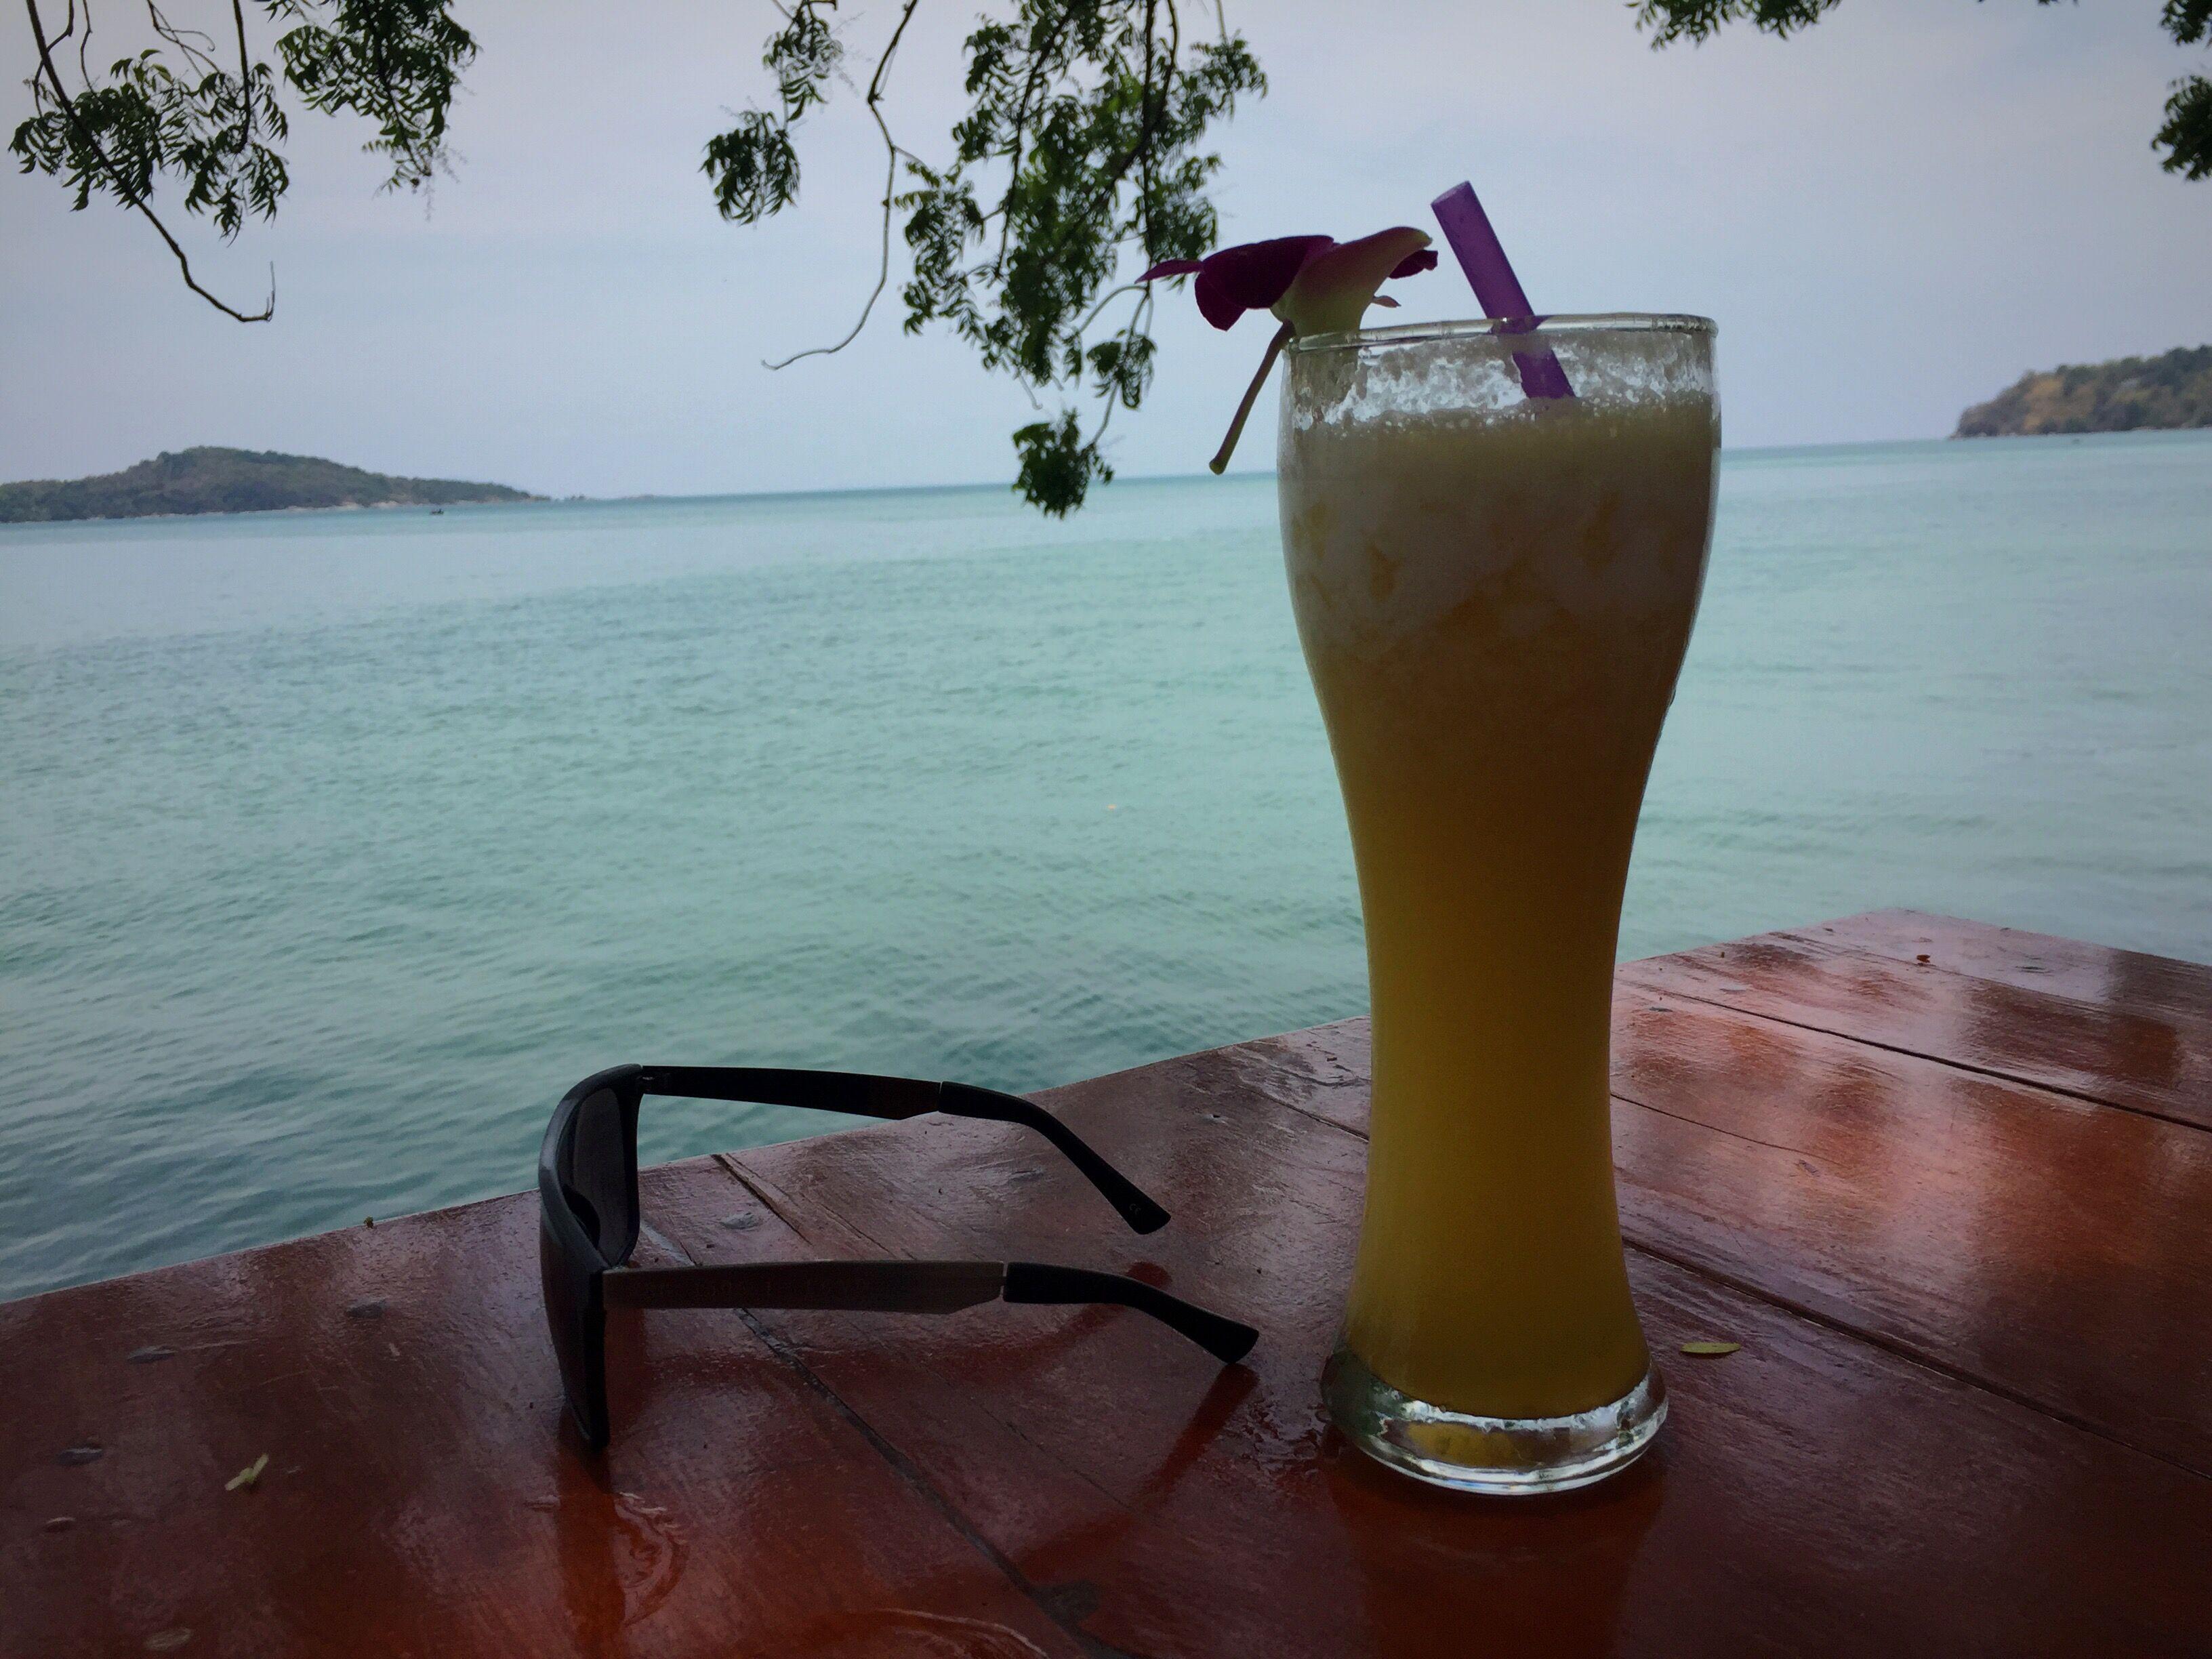 Ananas shake och nya solglasögon från Scorette.